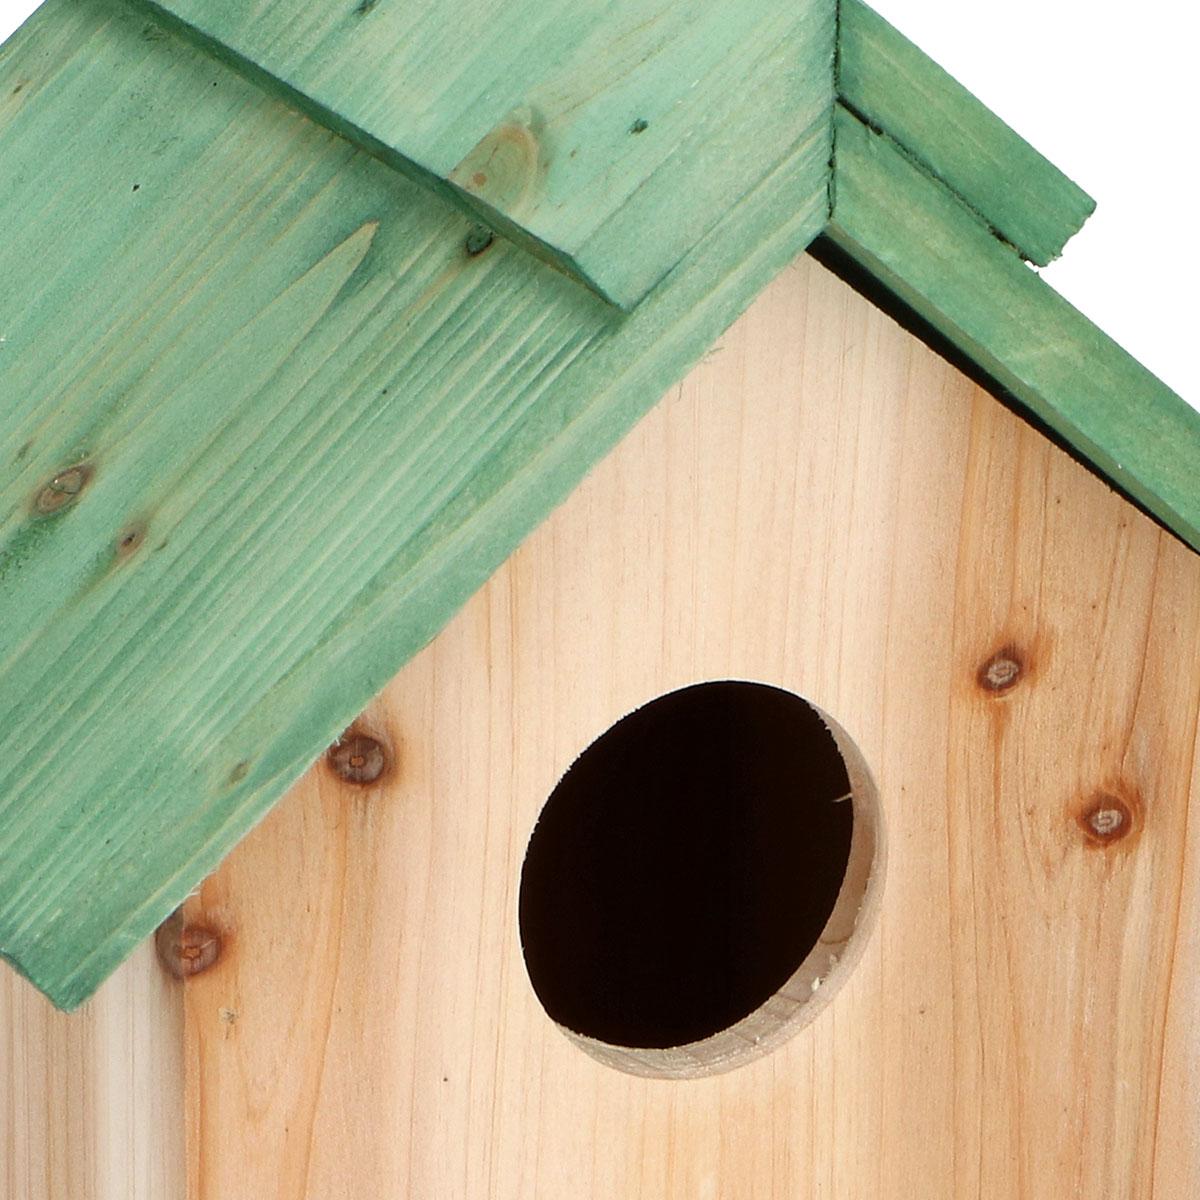 Nistkasten XL Vogelhaus Vogelhäuschen Meisenkasten Nisthaus Vogelnistkasten Holz